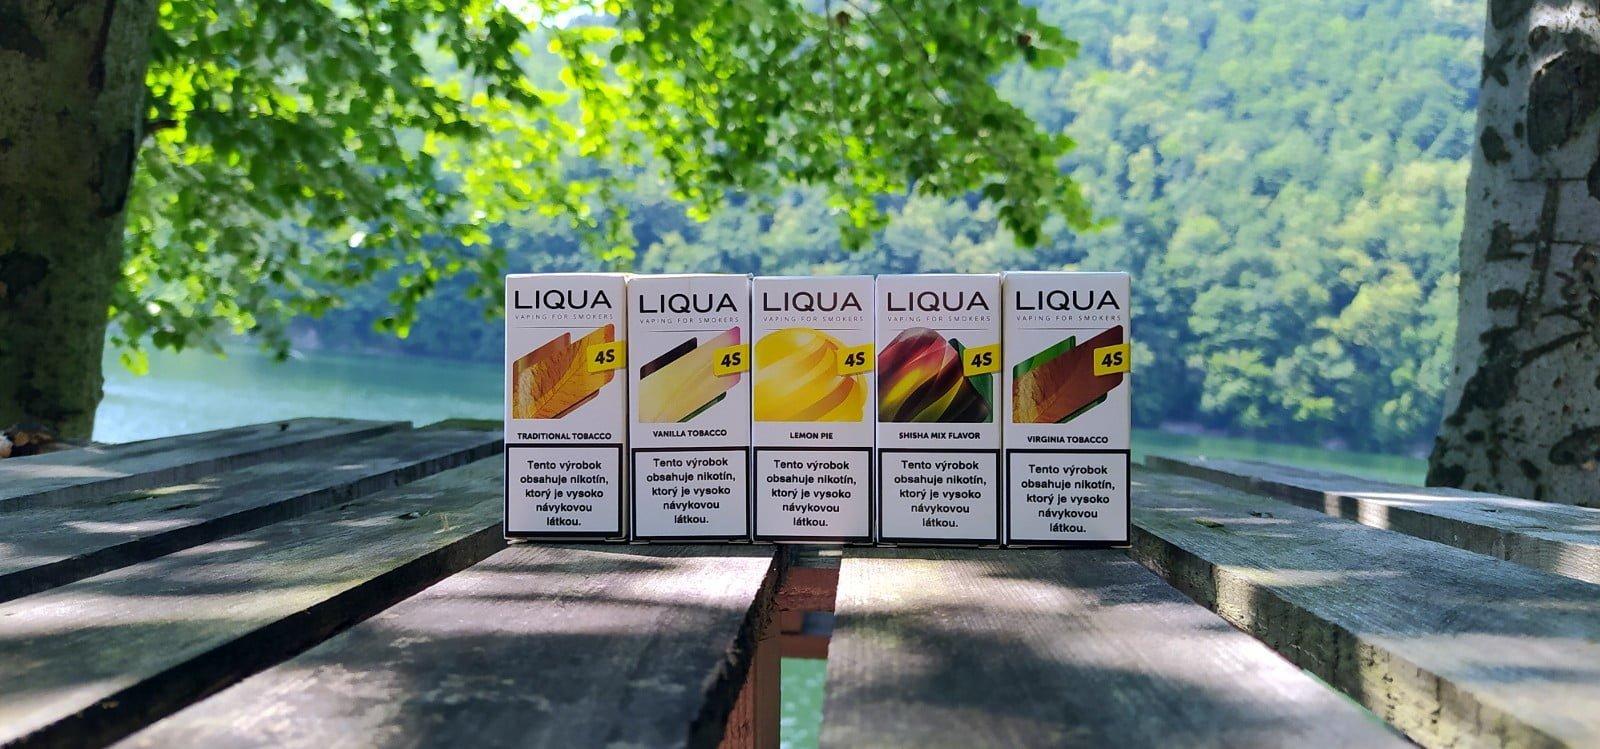 Liqua 4S - séria SALT liquidov od známeho výrobcu